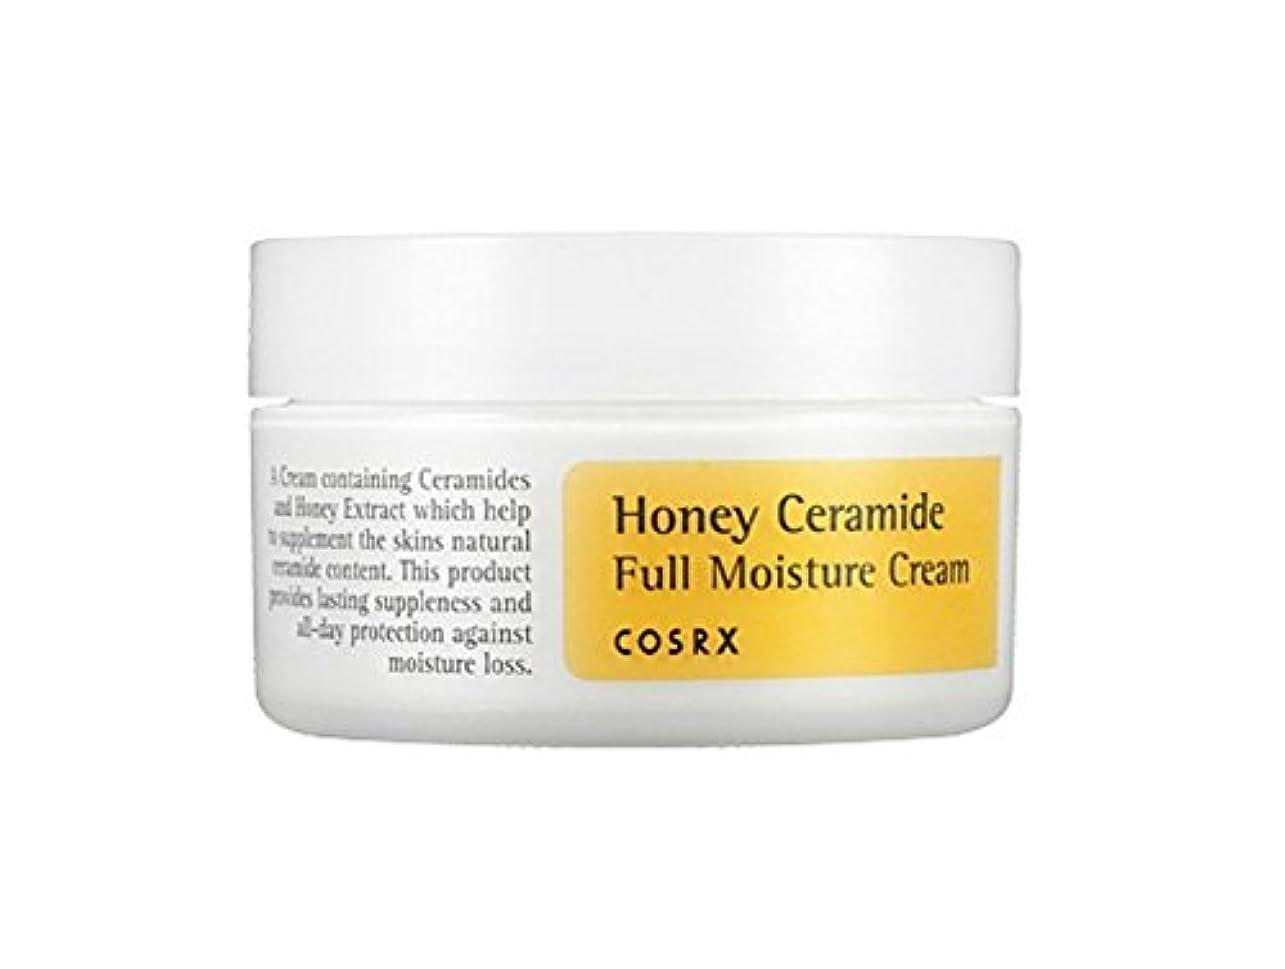 討論かかわらずユーモラスCOSRX Honey Ceramide Full Moisture Cream 50ml/COSRX ハニー セラミド フル モイスチャー クリーム 50ml [並行輸入品]